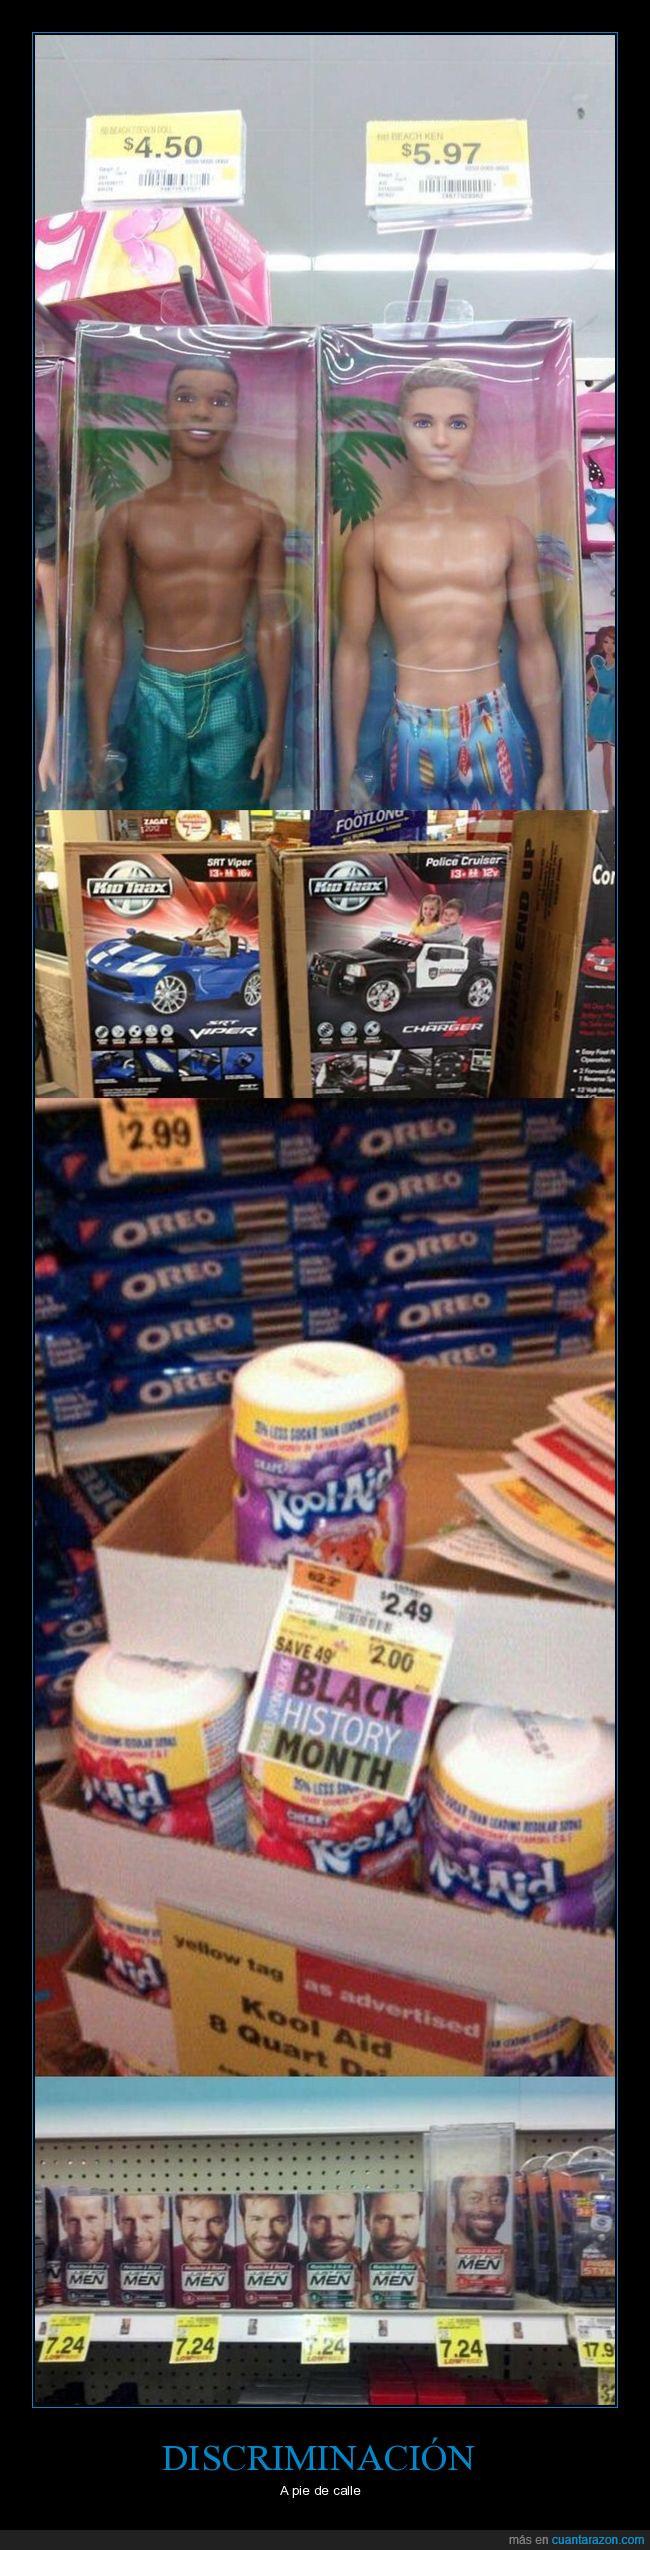 blancos,discriminación,negros,productos,racismo